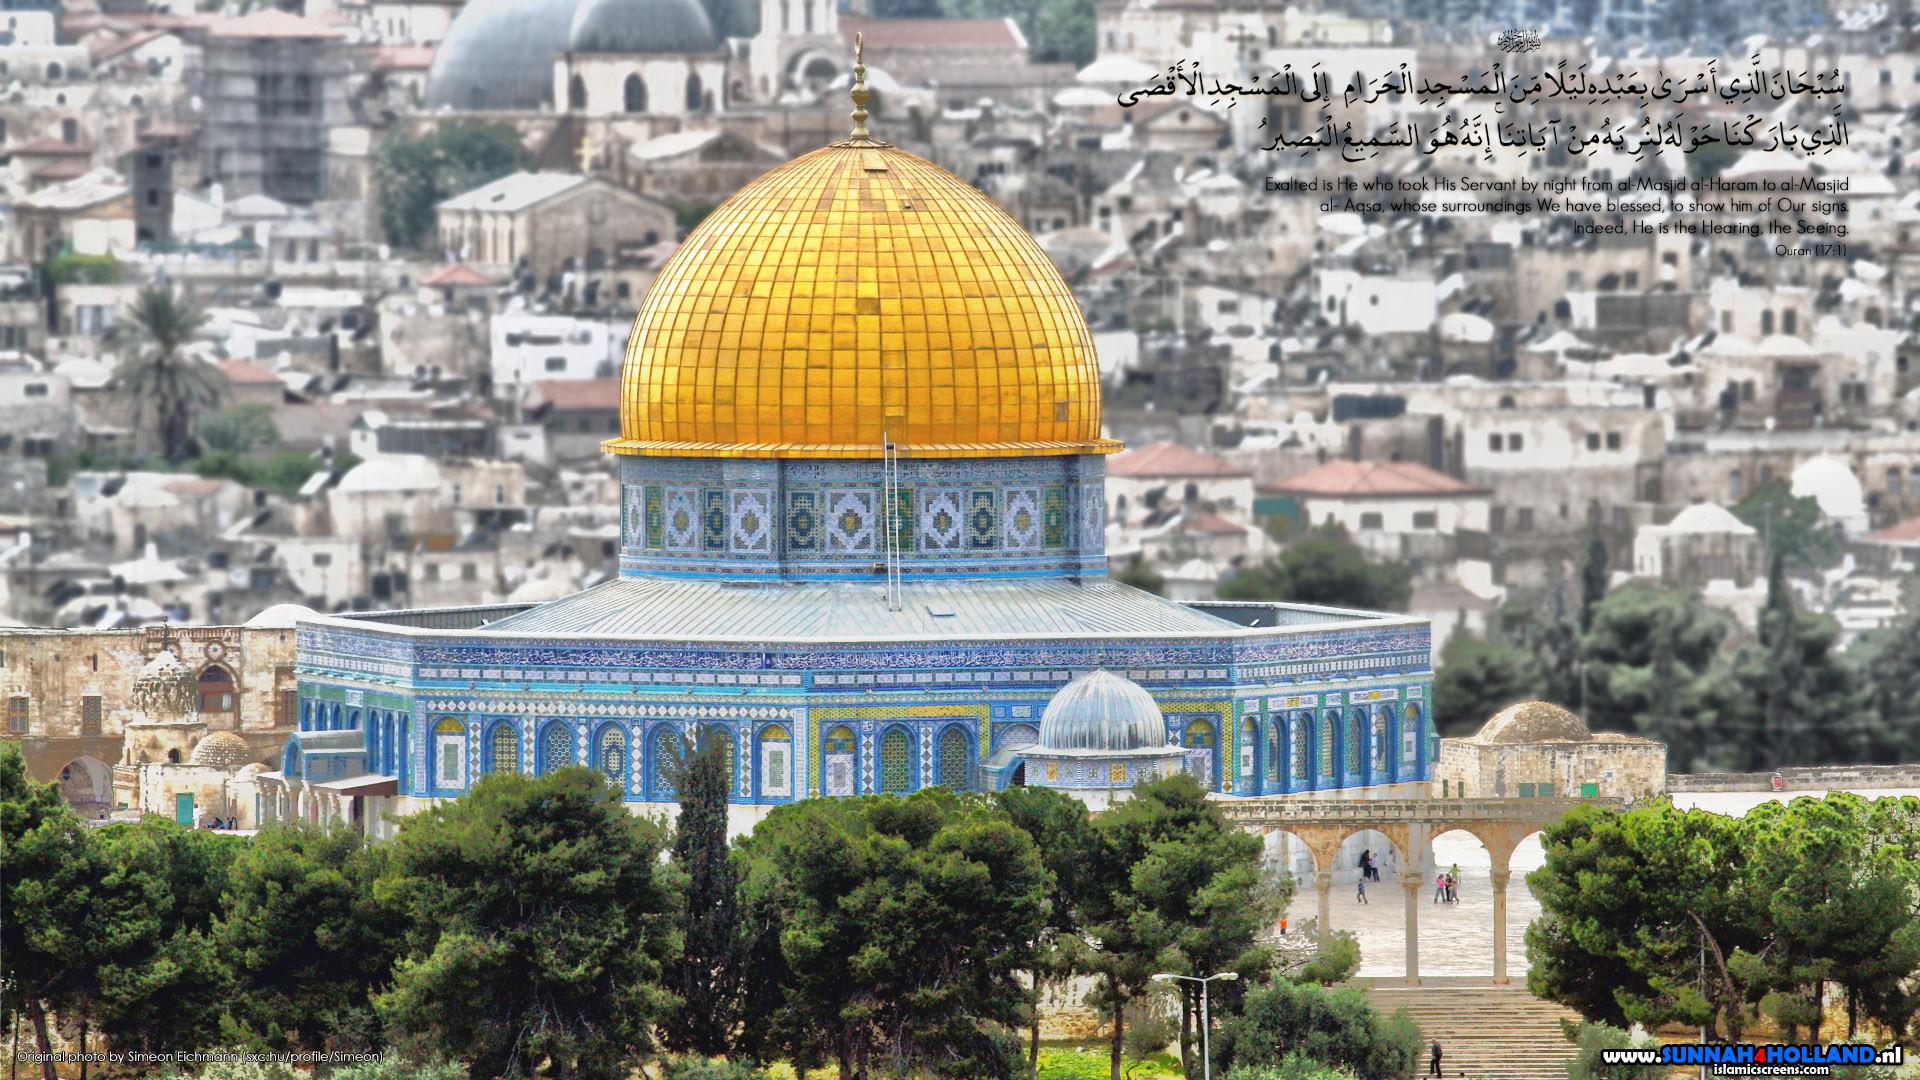 Wallpaper of masjid 53 images - Al aqsa mosque hd wallpapers ...